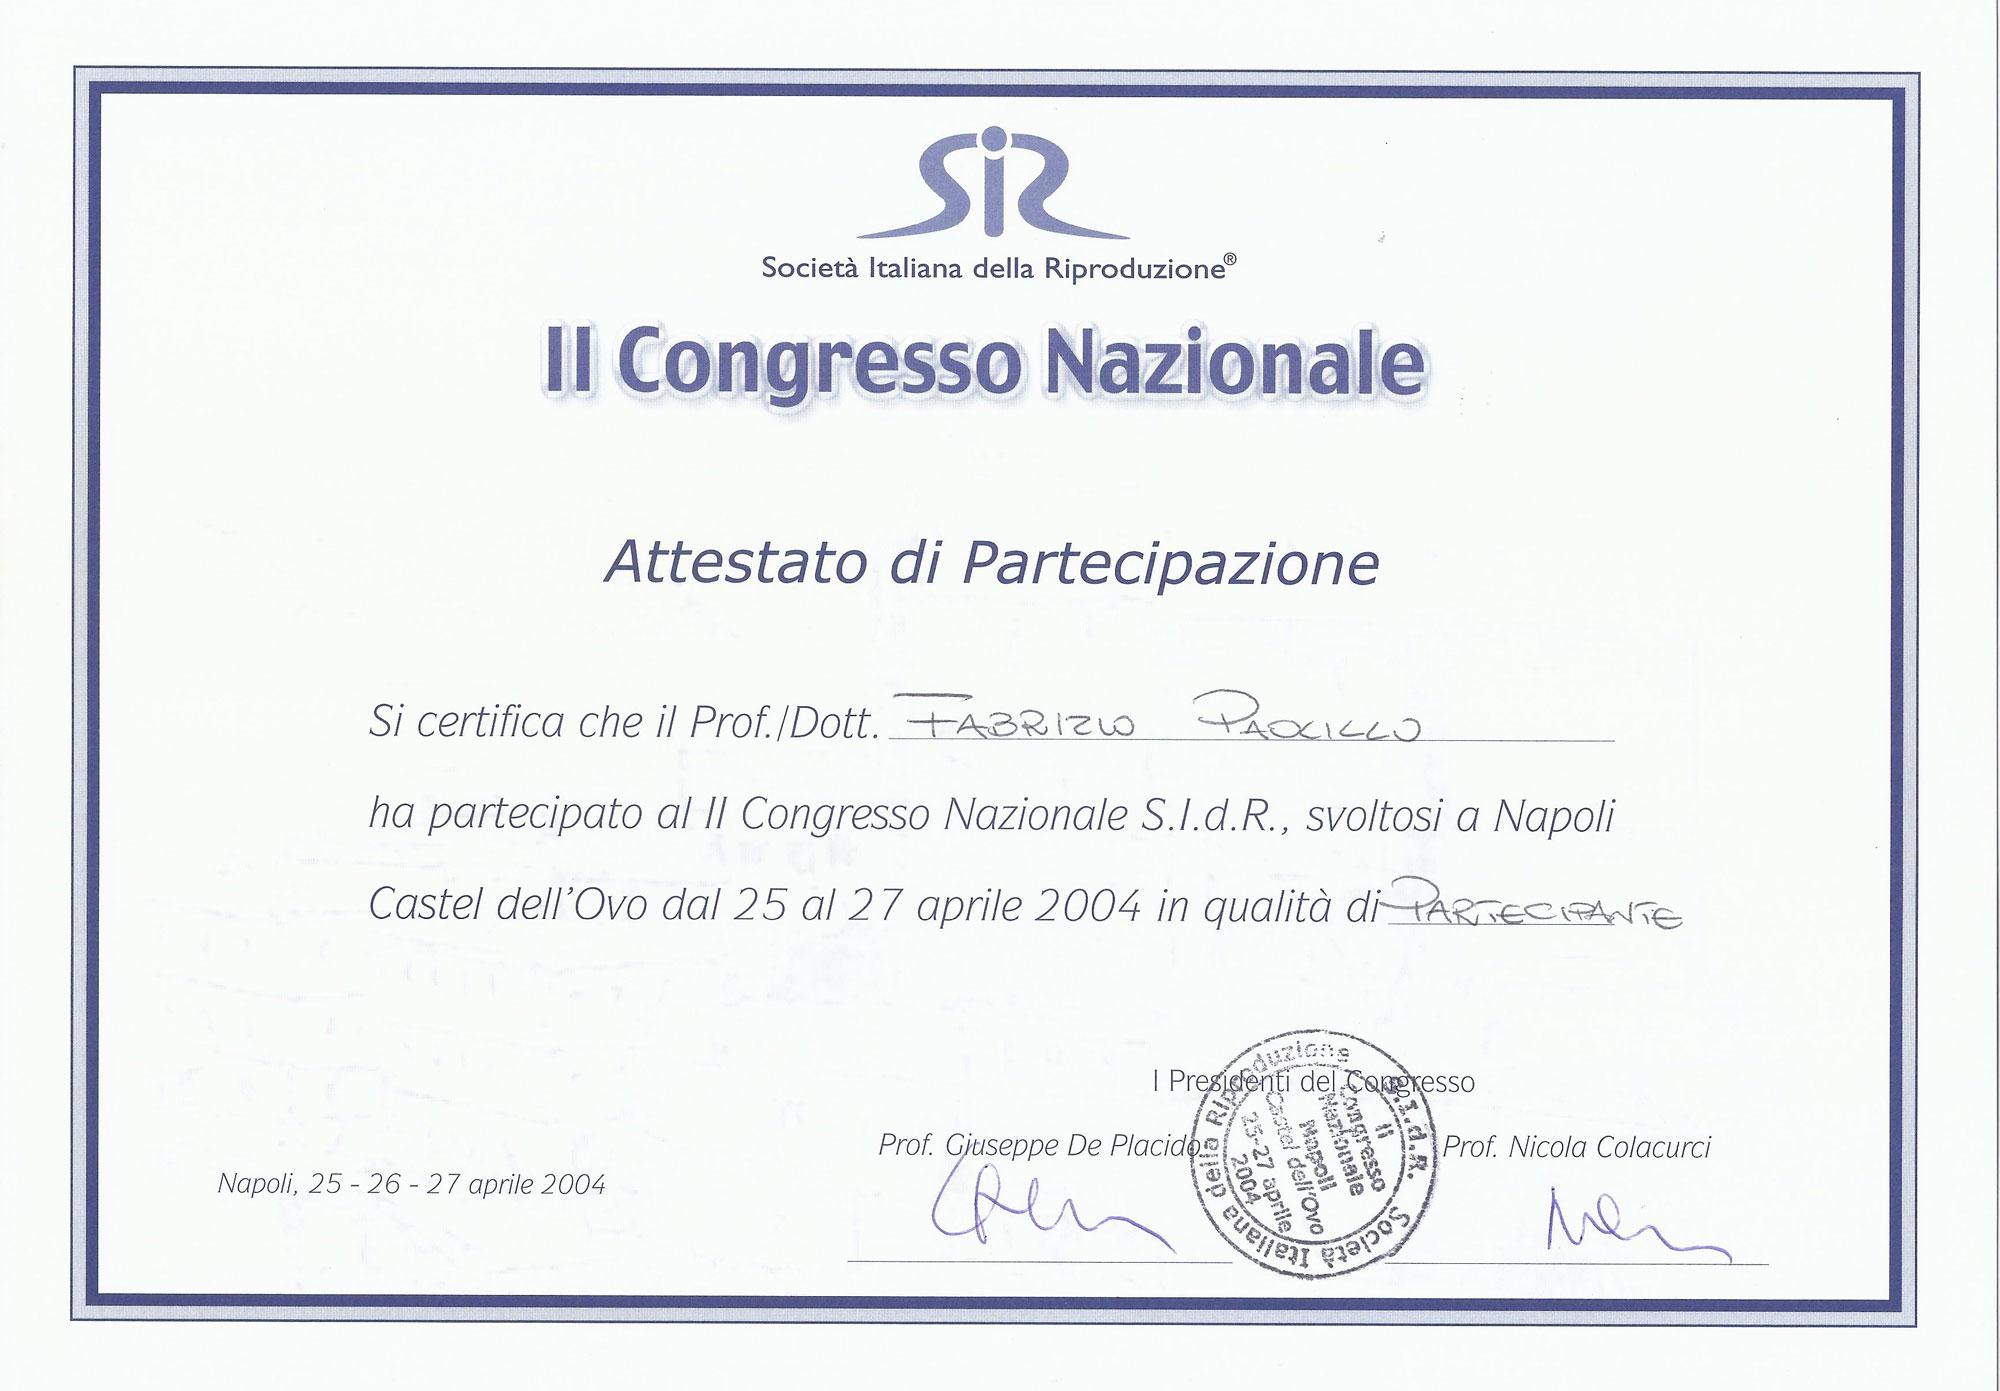 Società Italiana della Riproduzione - II Congresso Nazionale